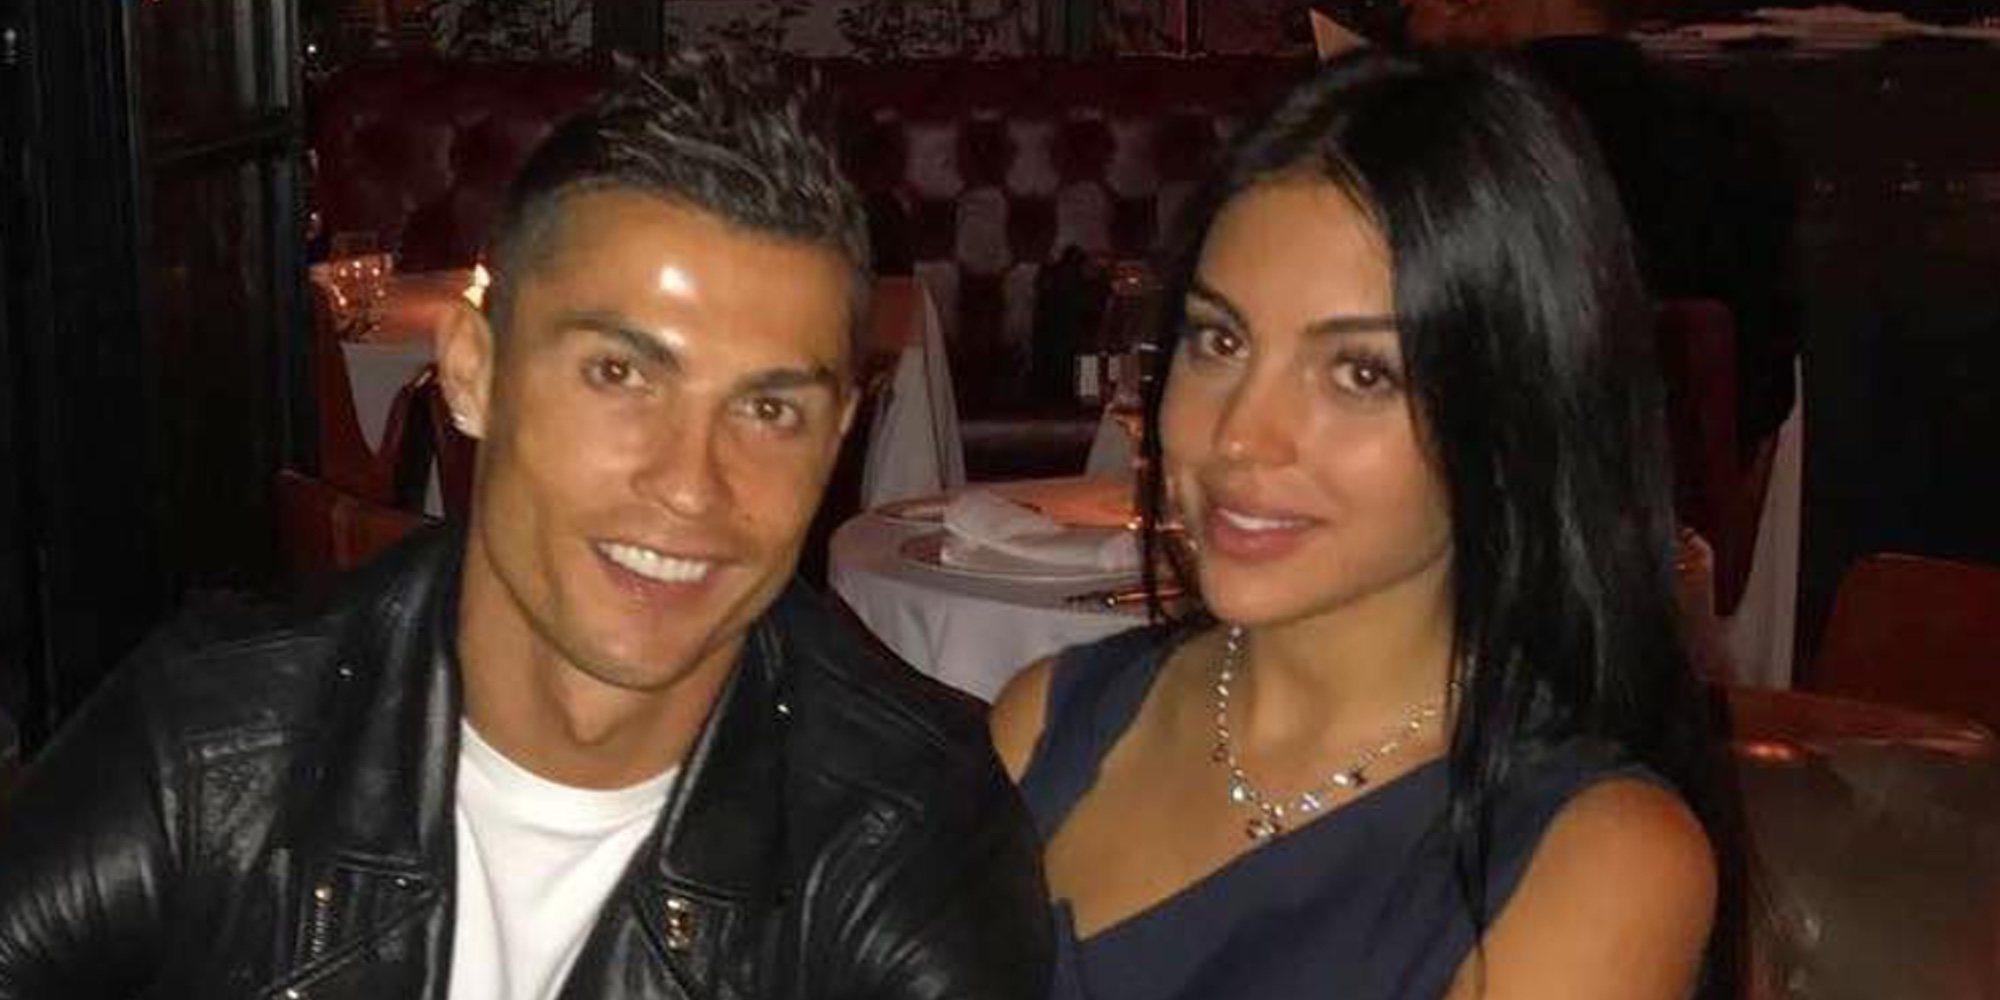 """Cristiano Ronaldo no tiene pensado casarse con Georgina Rodríguez: """"No está en mis planes"""""""